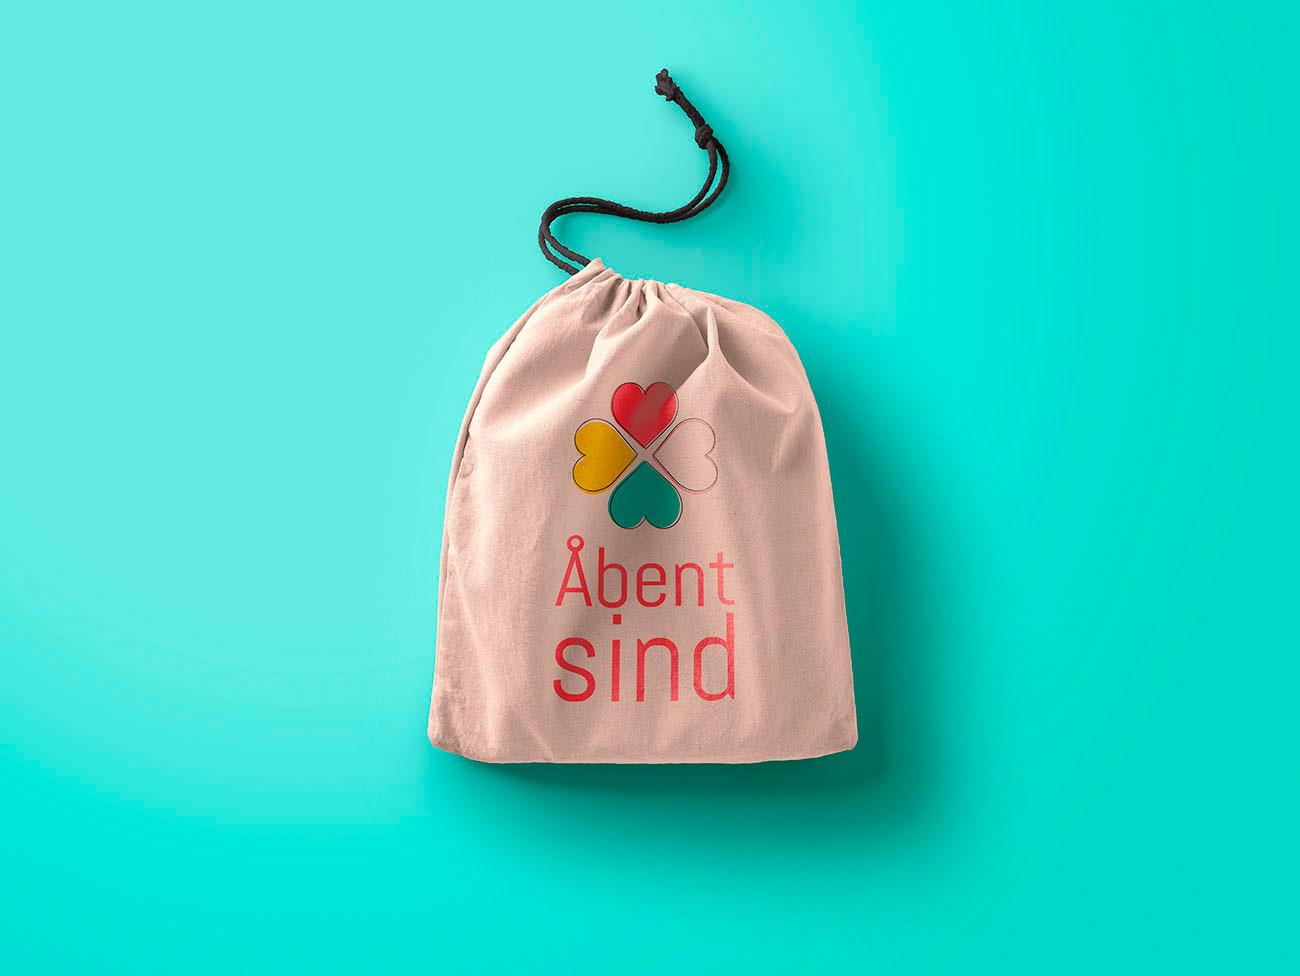 abent-sind-bag-application